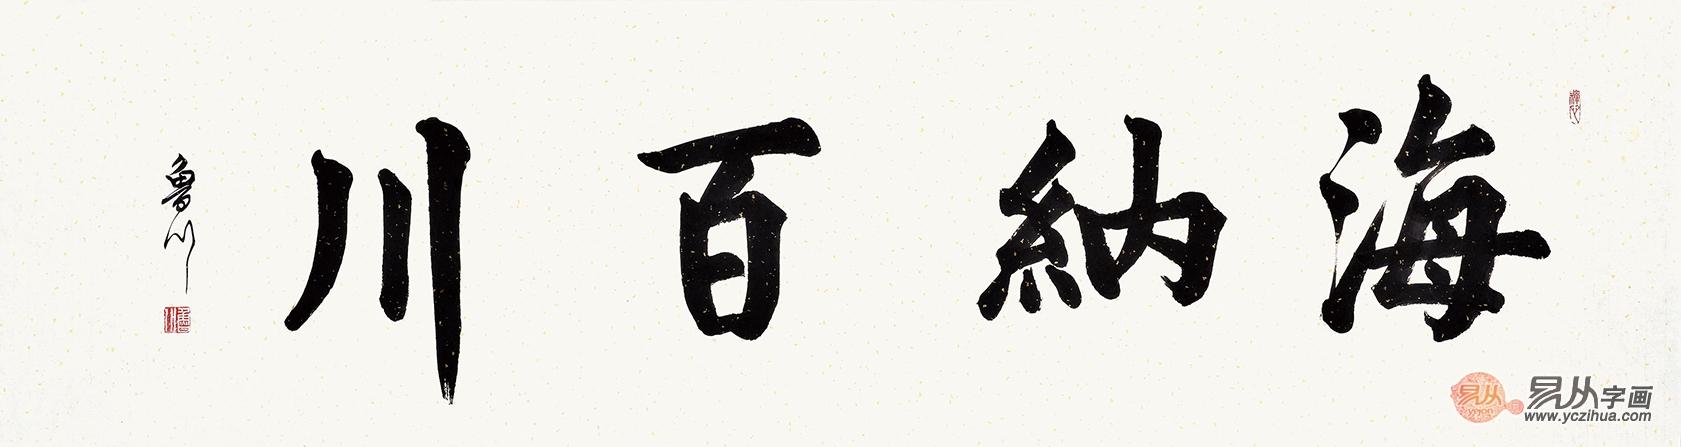 鲁川六尺横幅四字楷书书法作品《海纳百川》书房办公室客厅茶楼书法图片